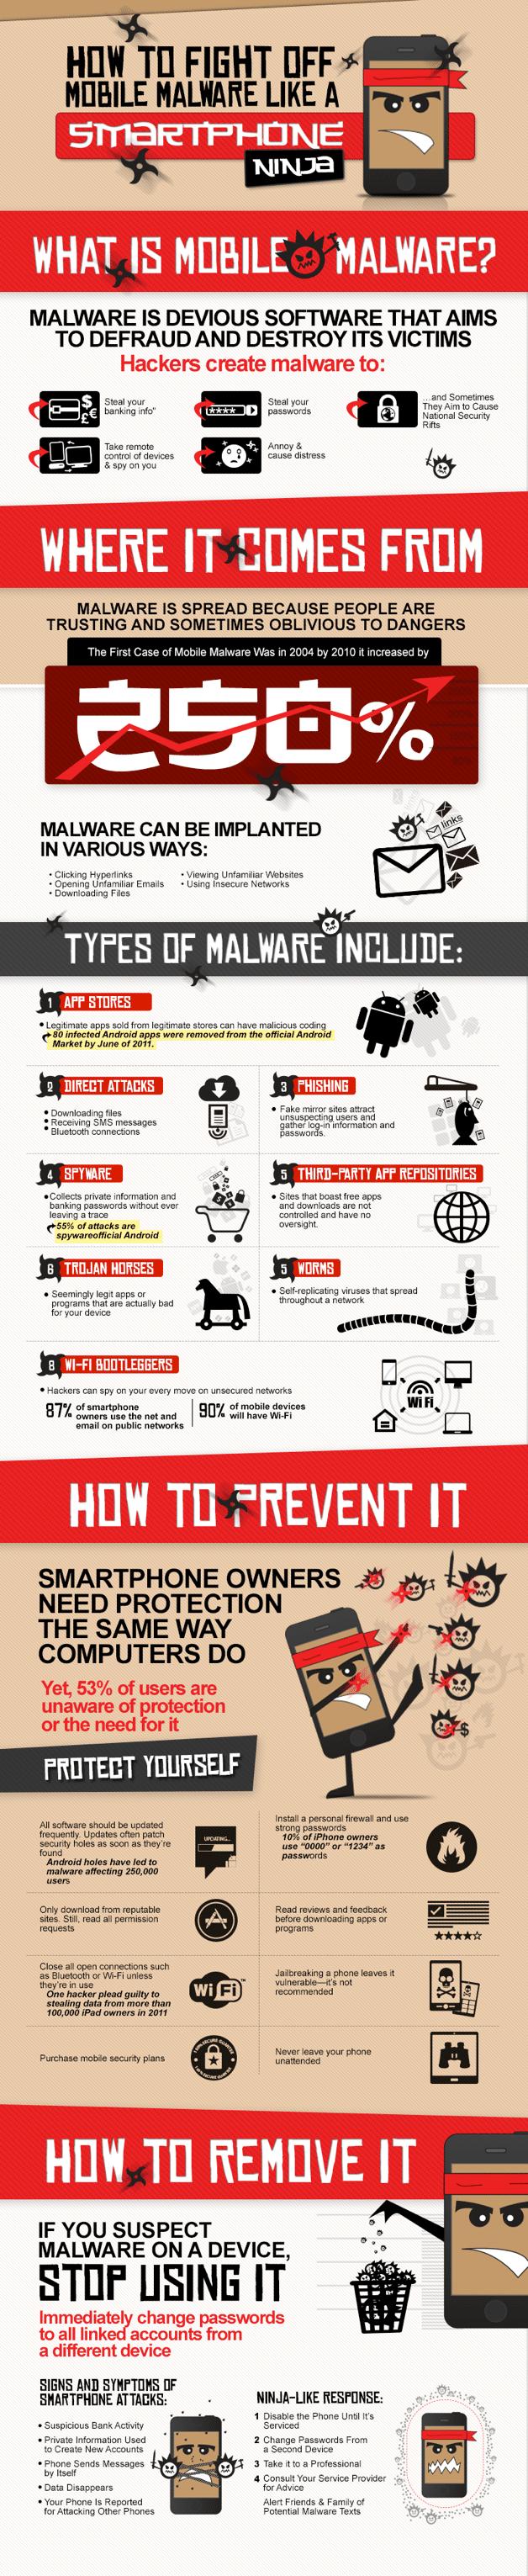 mobile-ninja-tactics-malware-infographic